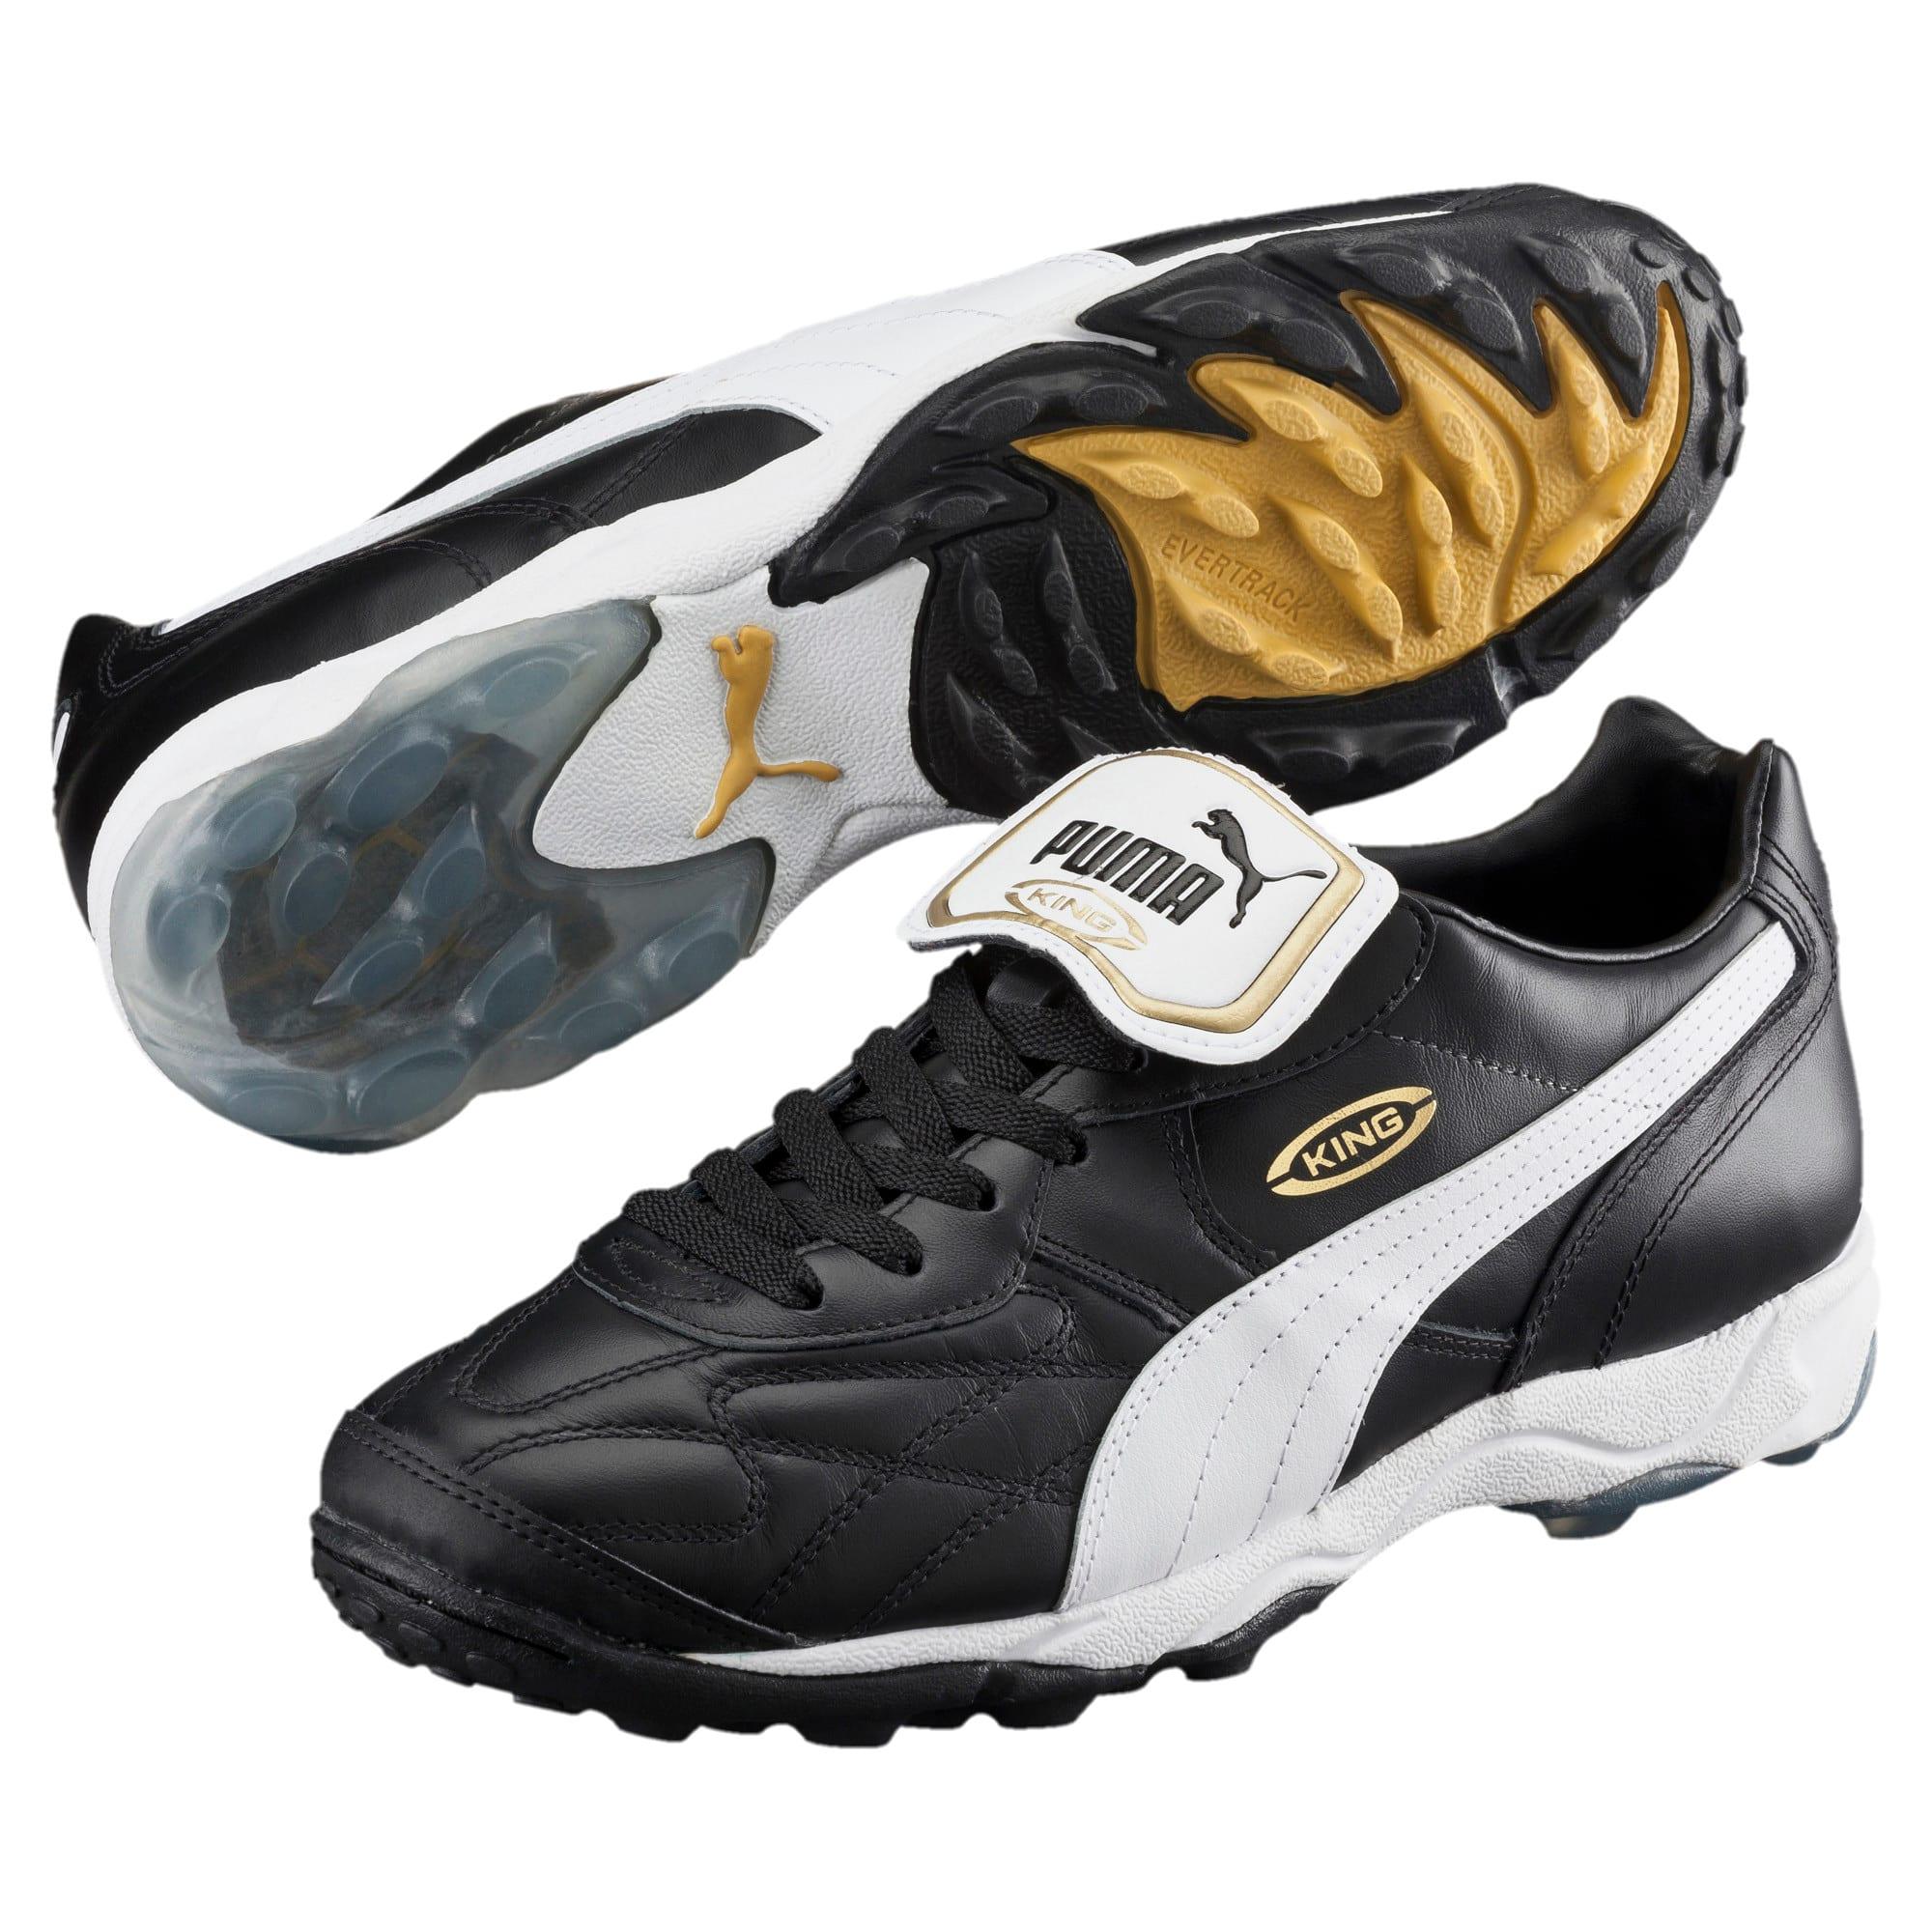 Thumbnail 2 of King Allround TT Men's Soccer Shoes, black-white-team gold, medium